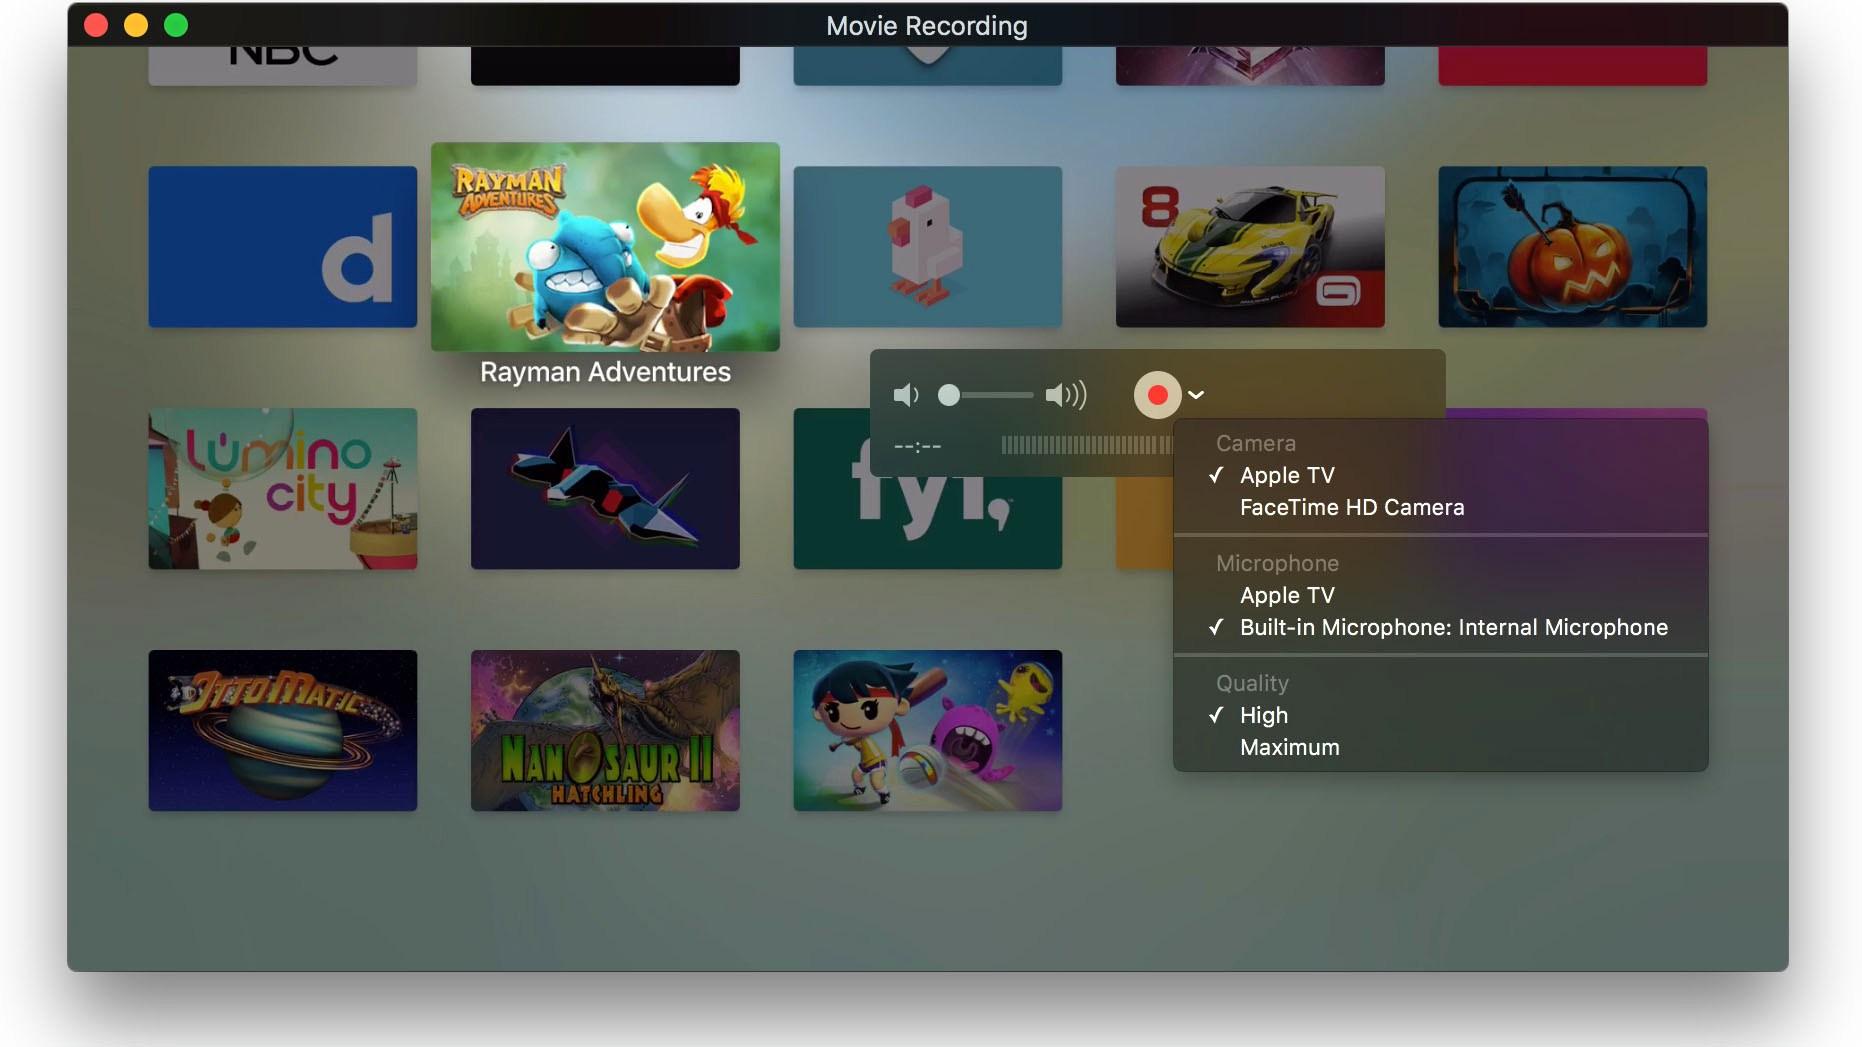 애플 TV 4세대를 맥에 연결하면 캡쳐 디바이스로 ..